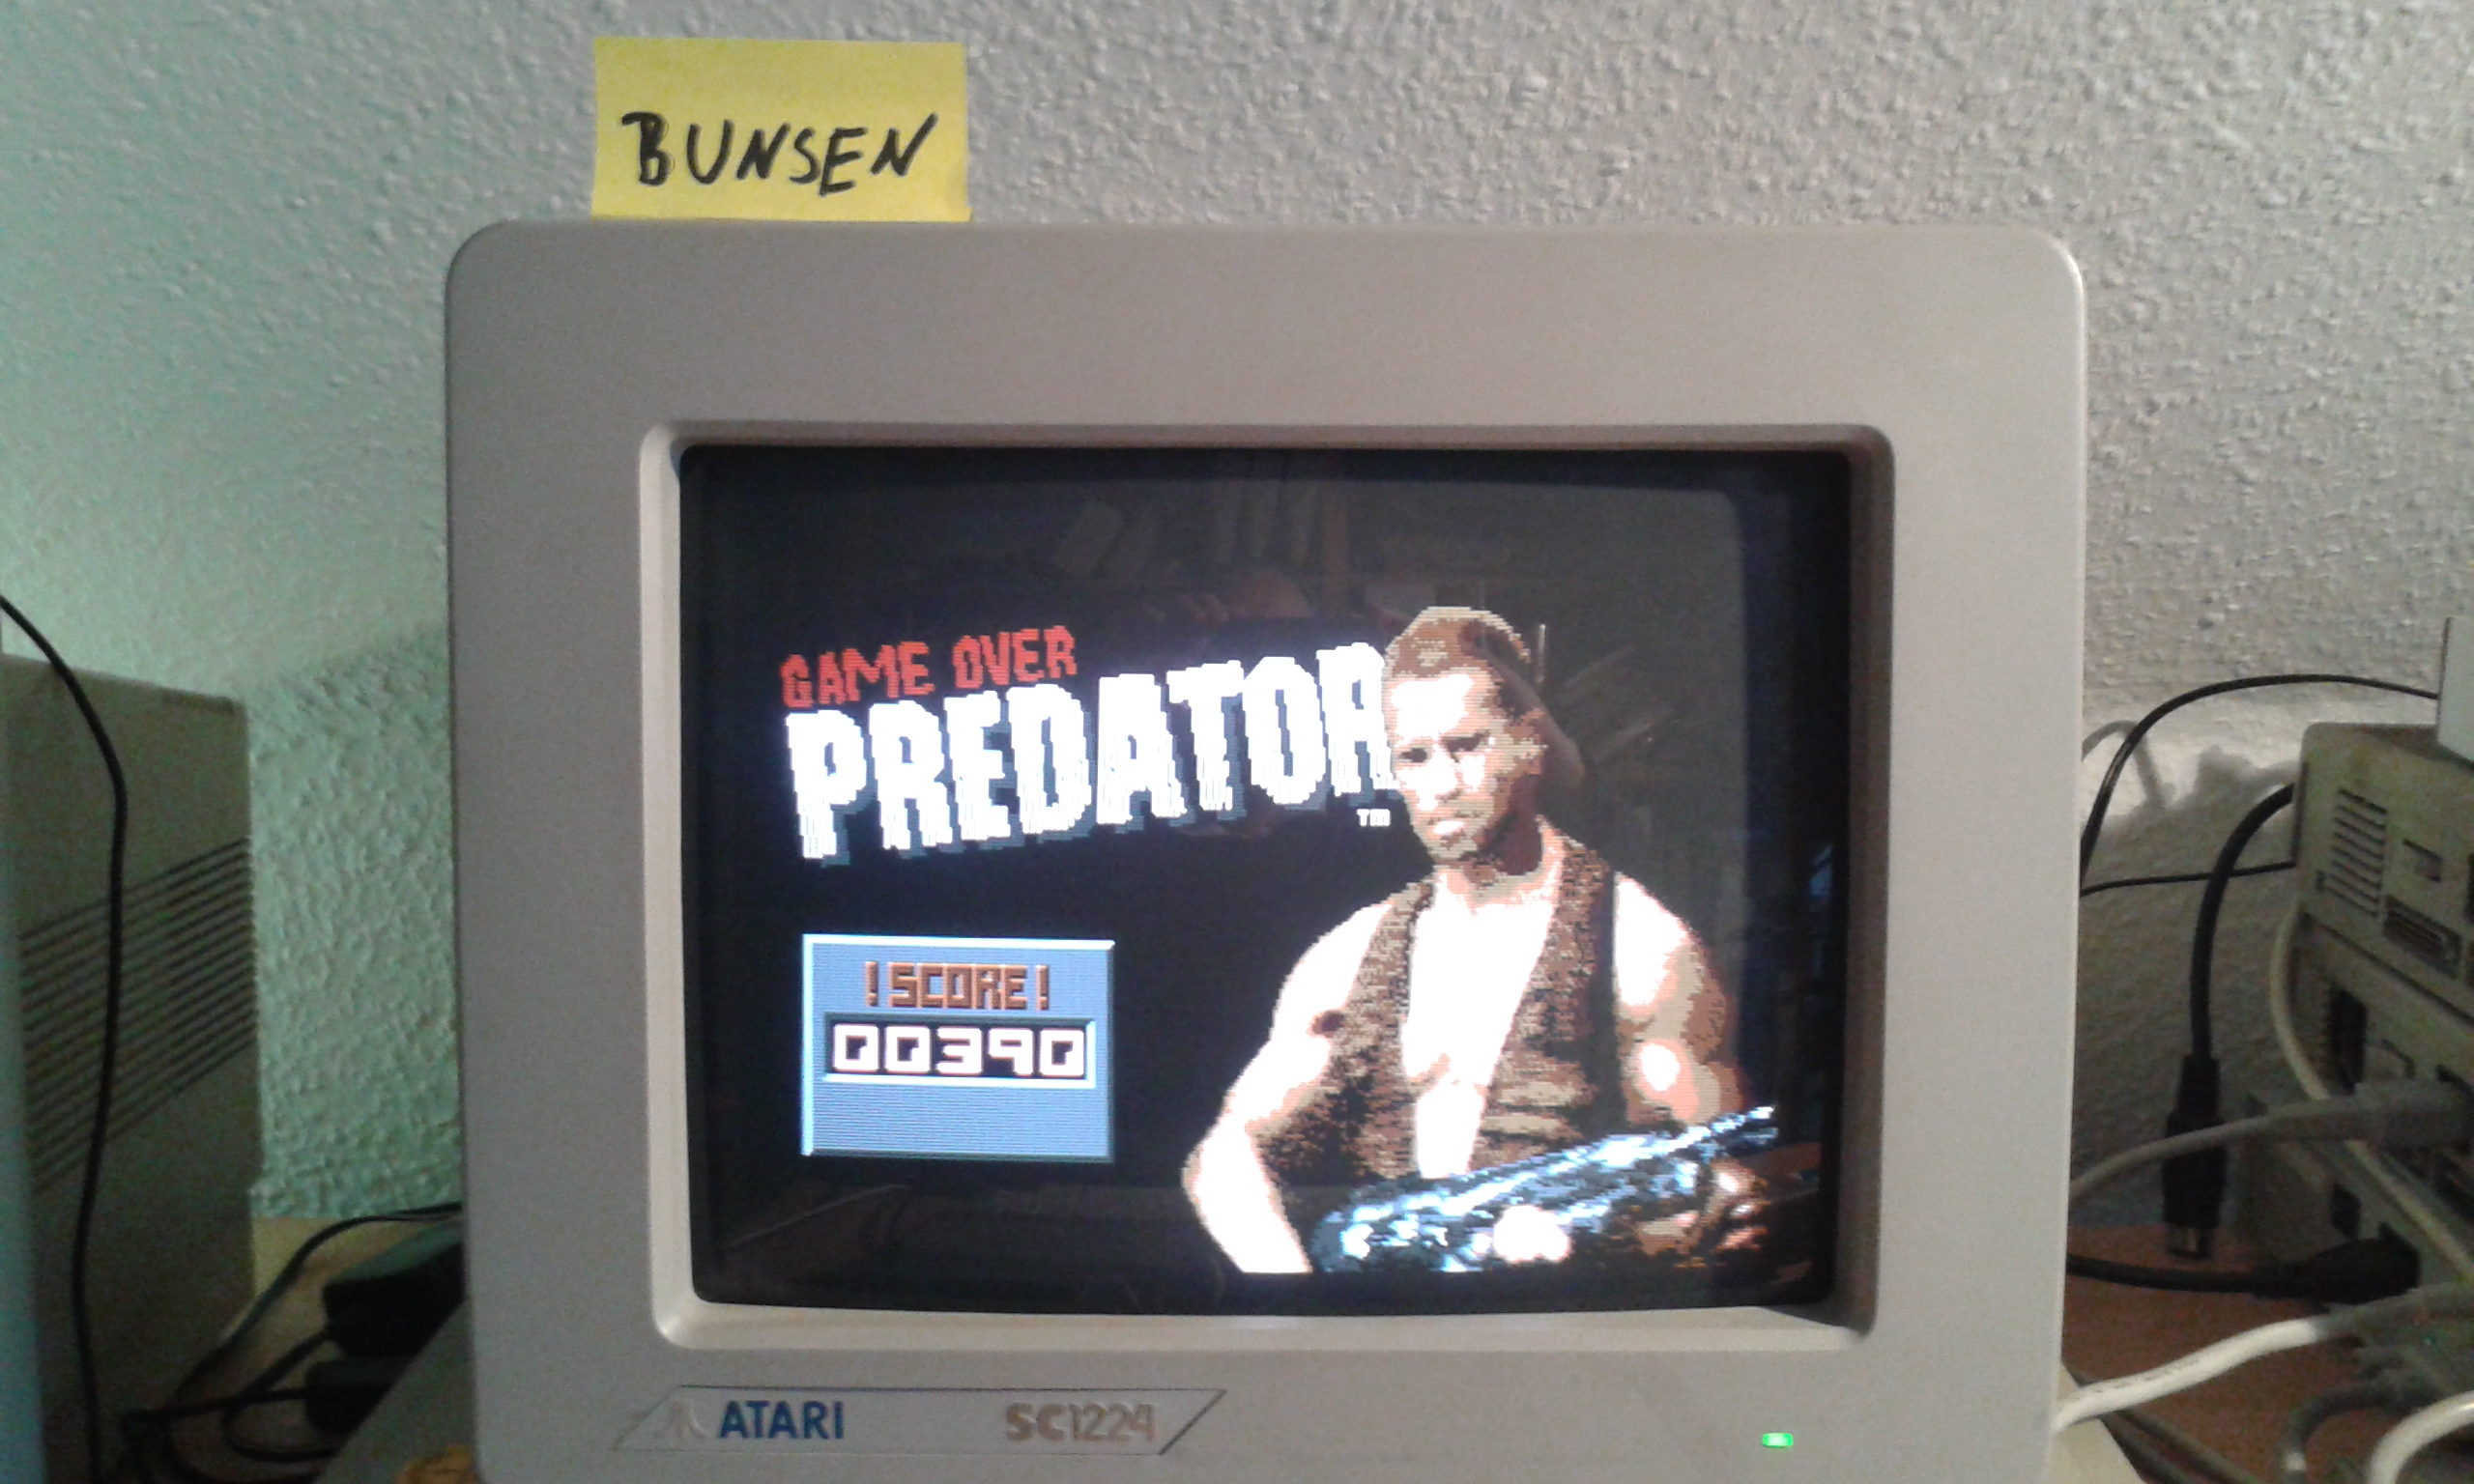 Bunsen: Predator (Atari ST) 390 points on 2015-04-17 10:53:40